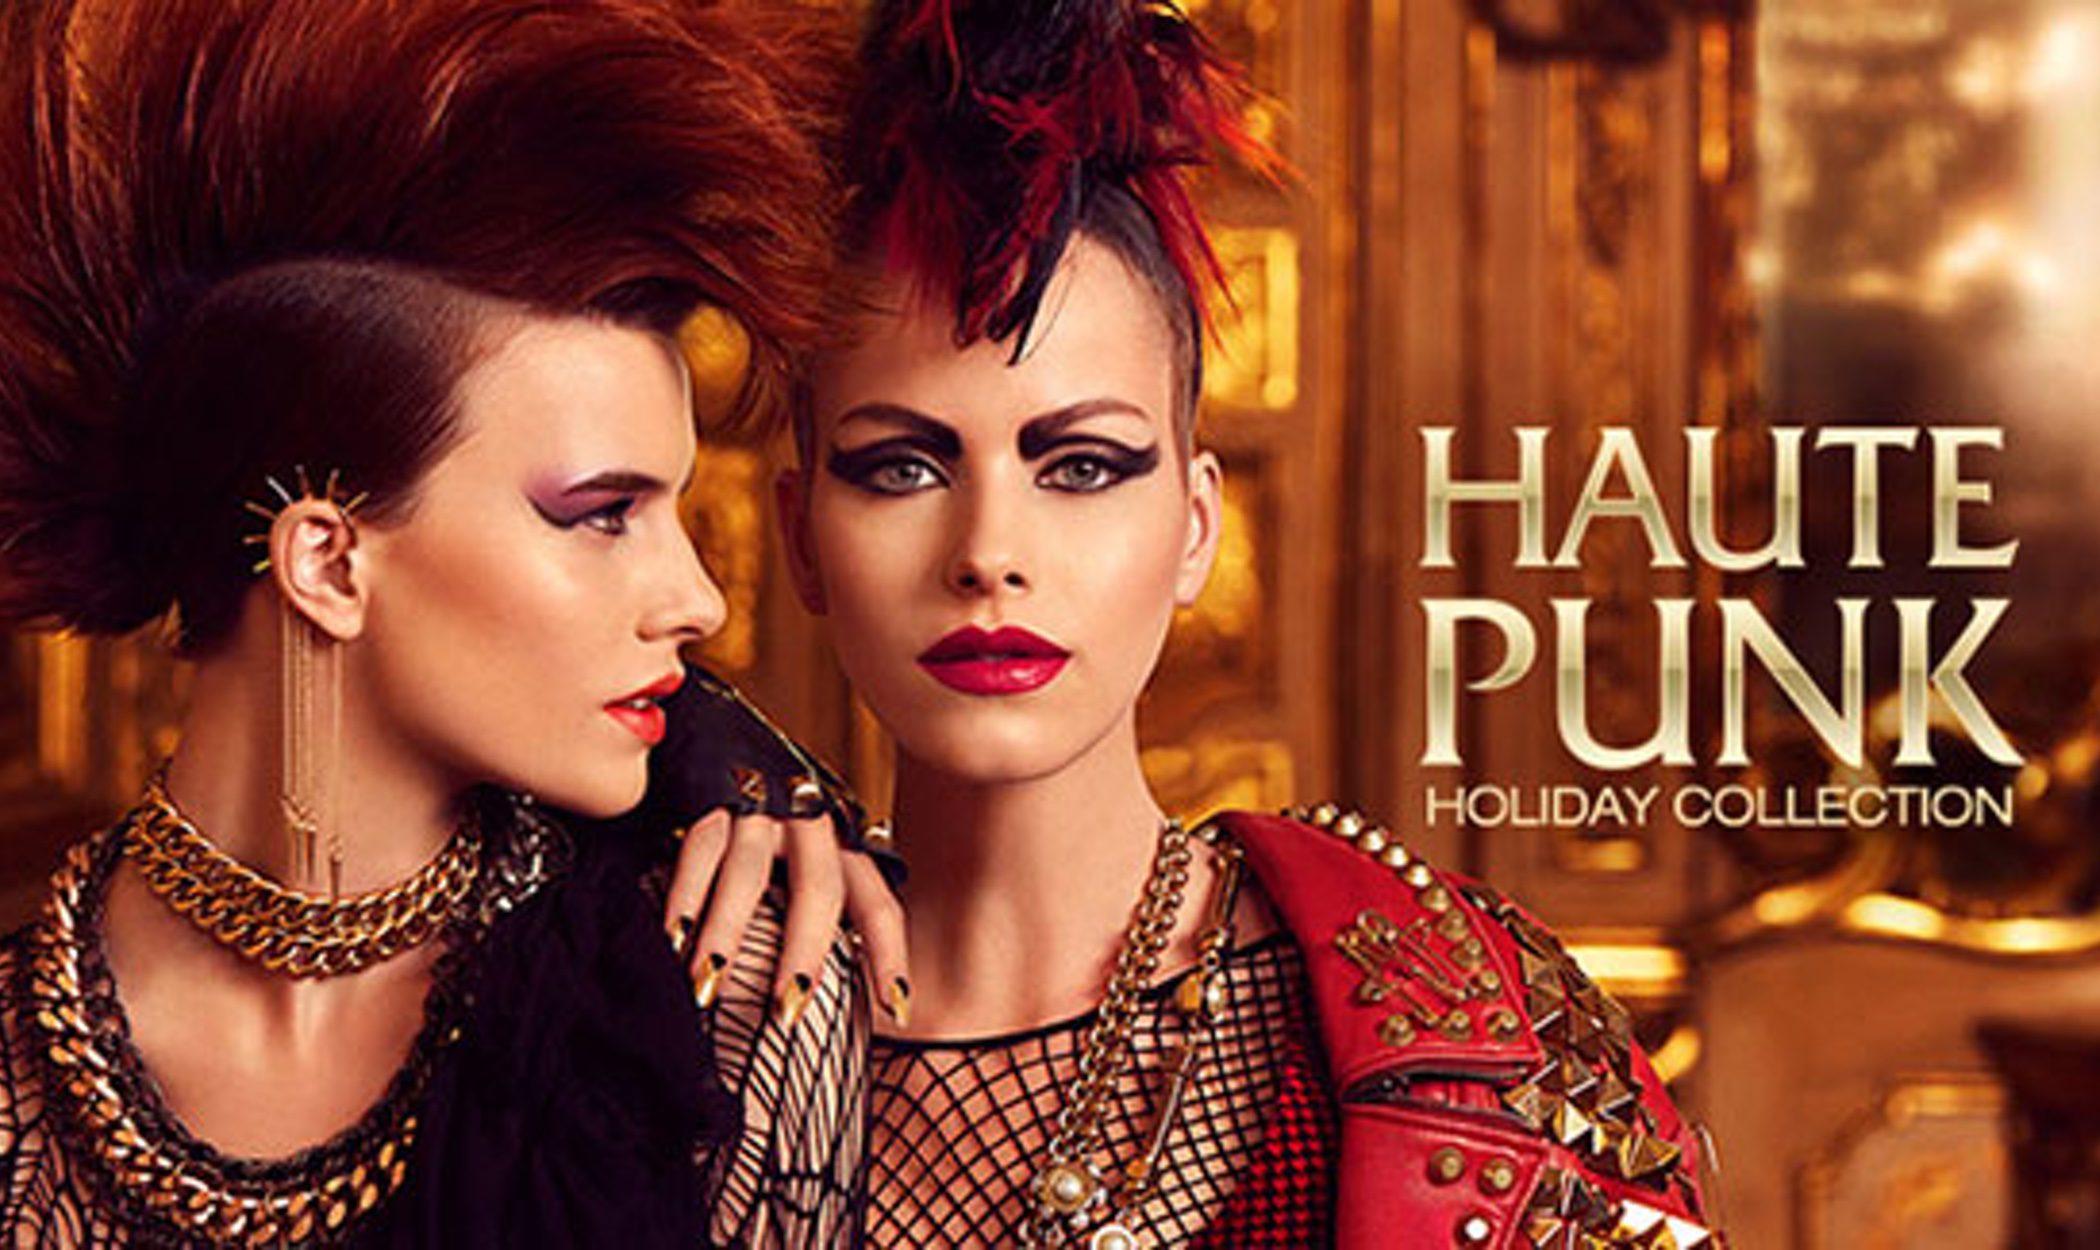 Kiko se decanta por el aire 'punk' estas navidades con su colección 'Haute punk'